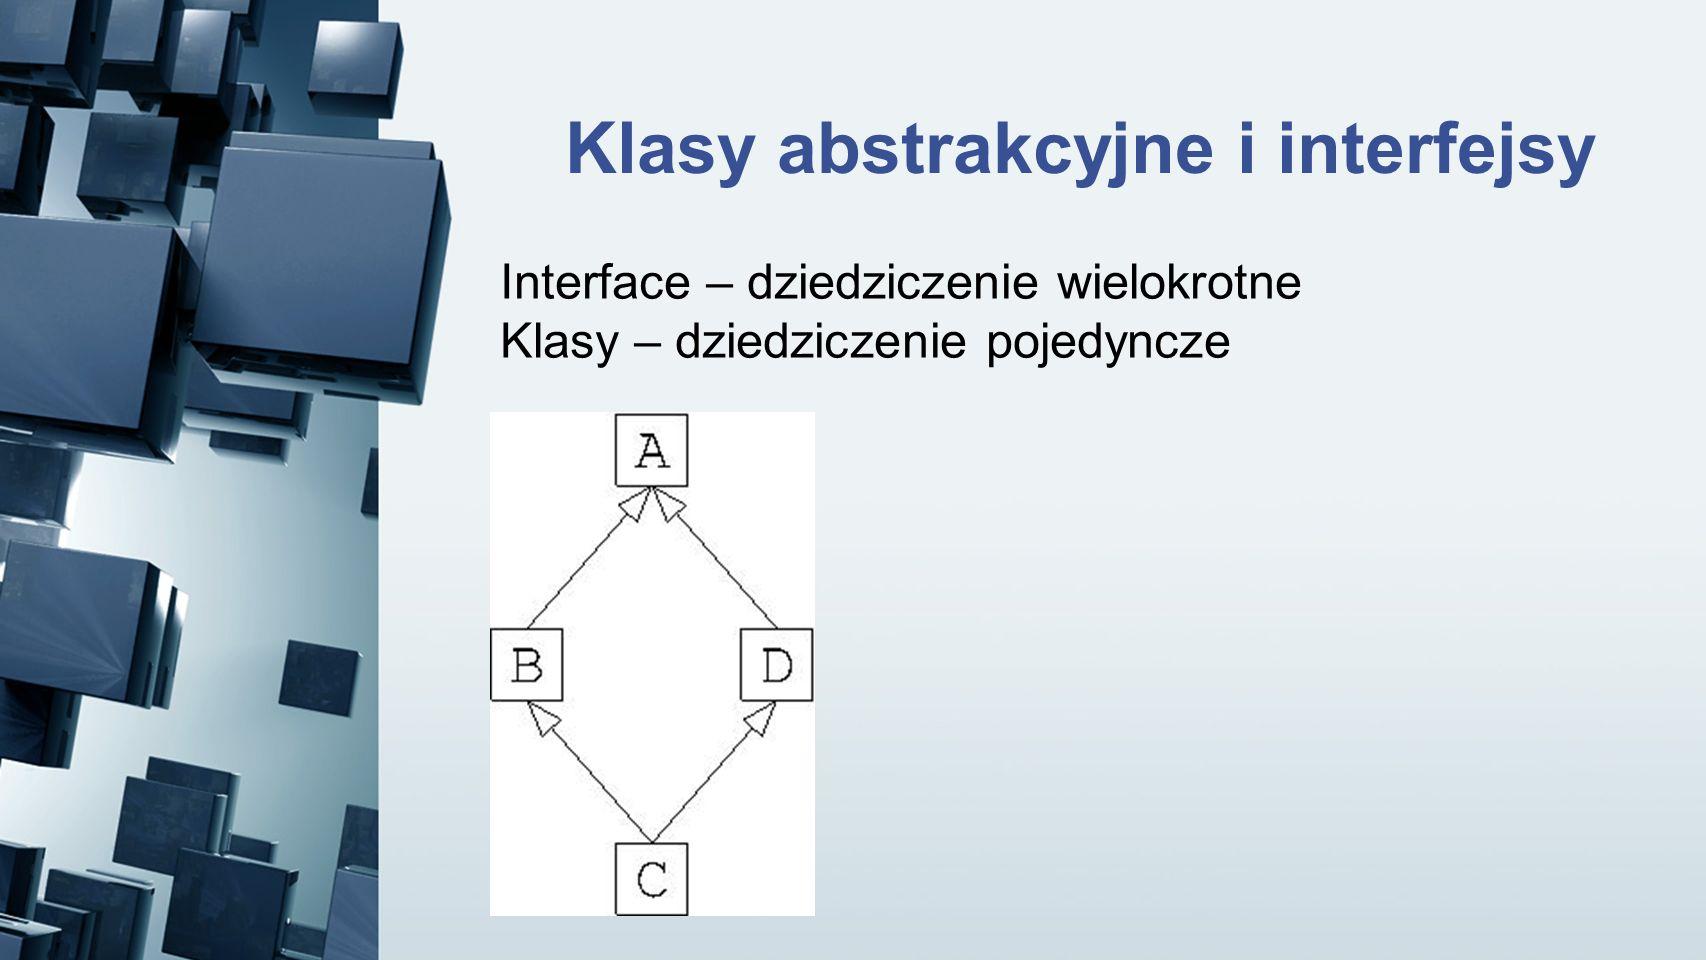 Klasy abstrakcyjne i interfejsy Interface – dziedziczenie wielokrotne Klasy – dziedziczenie pojedyncze